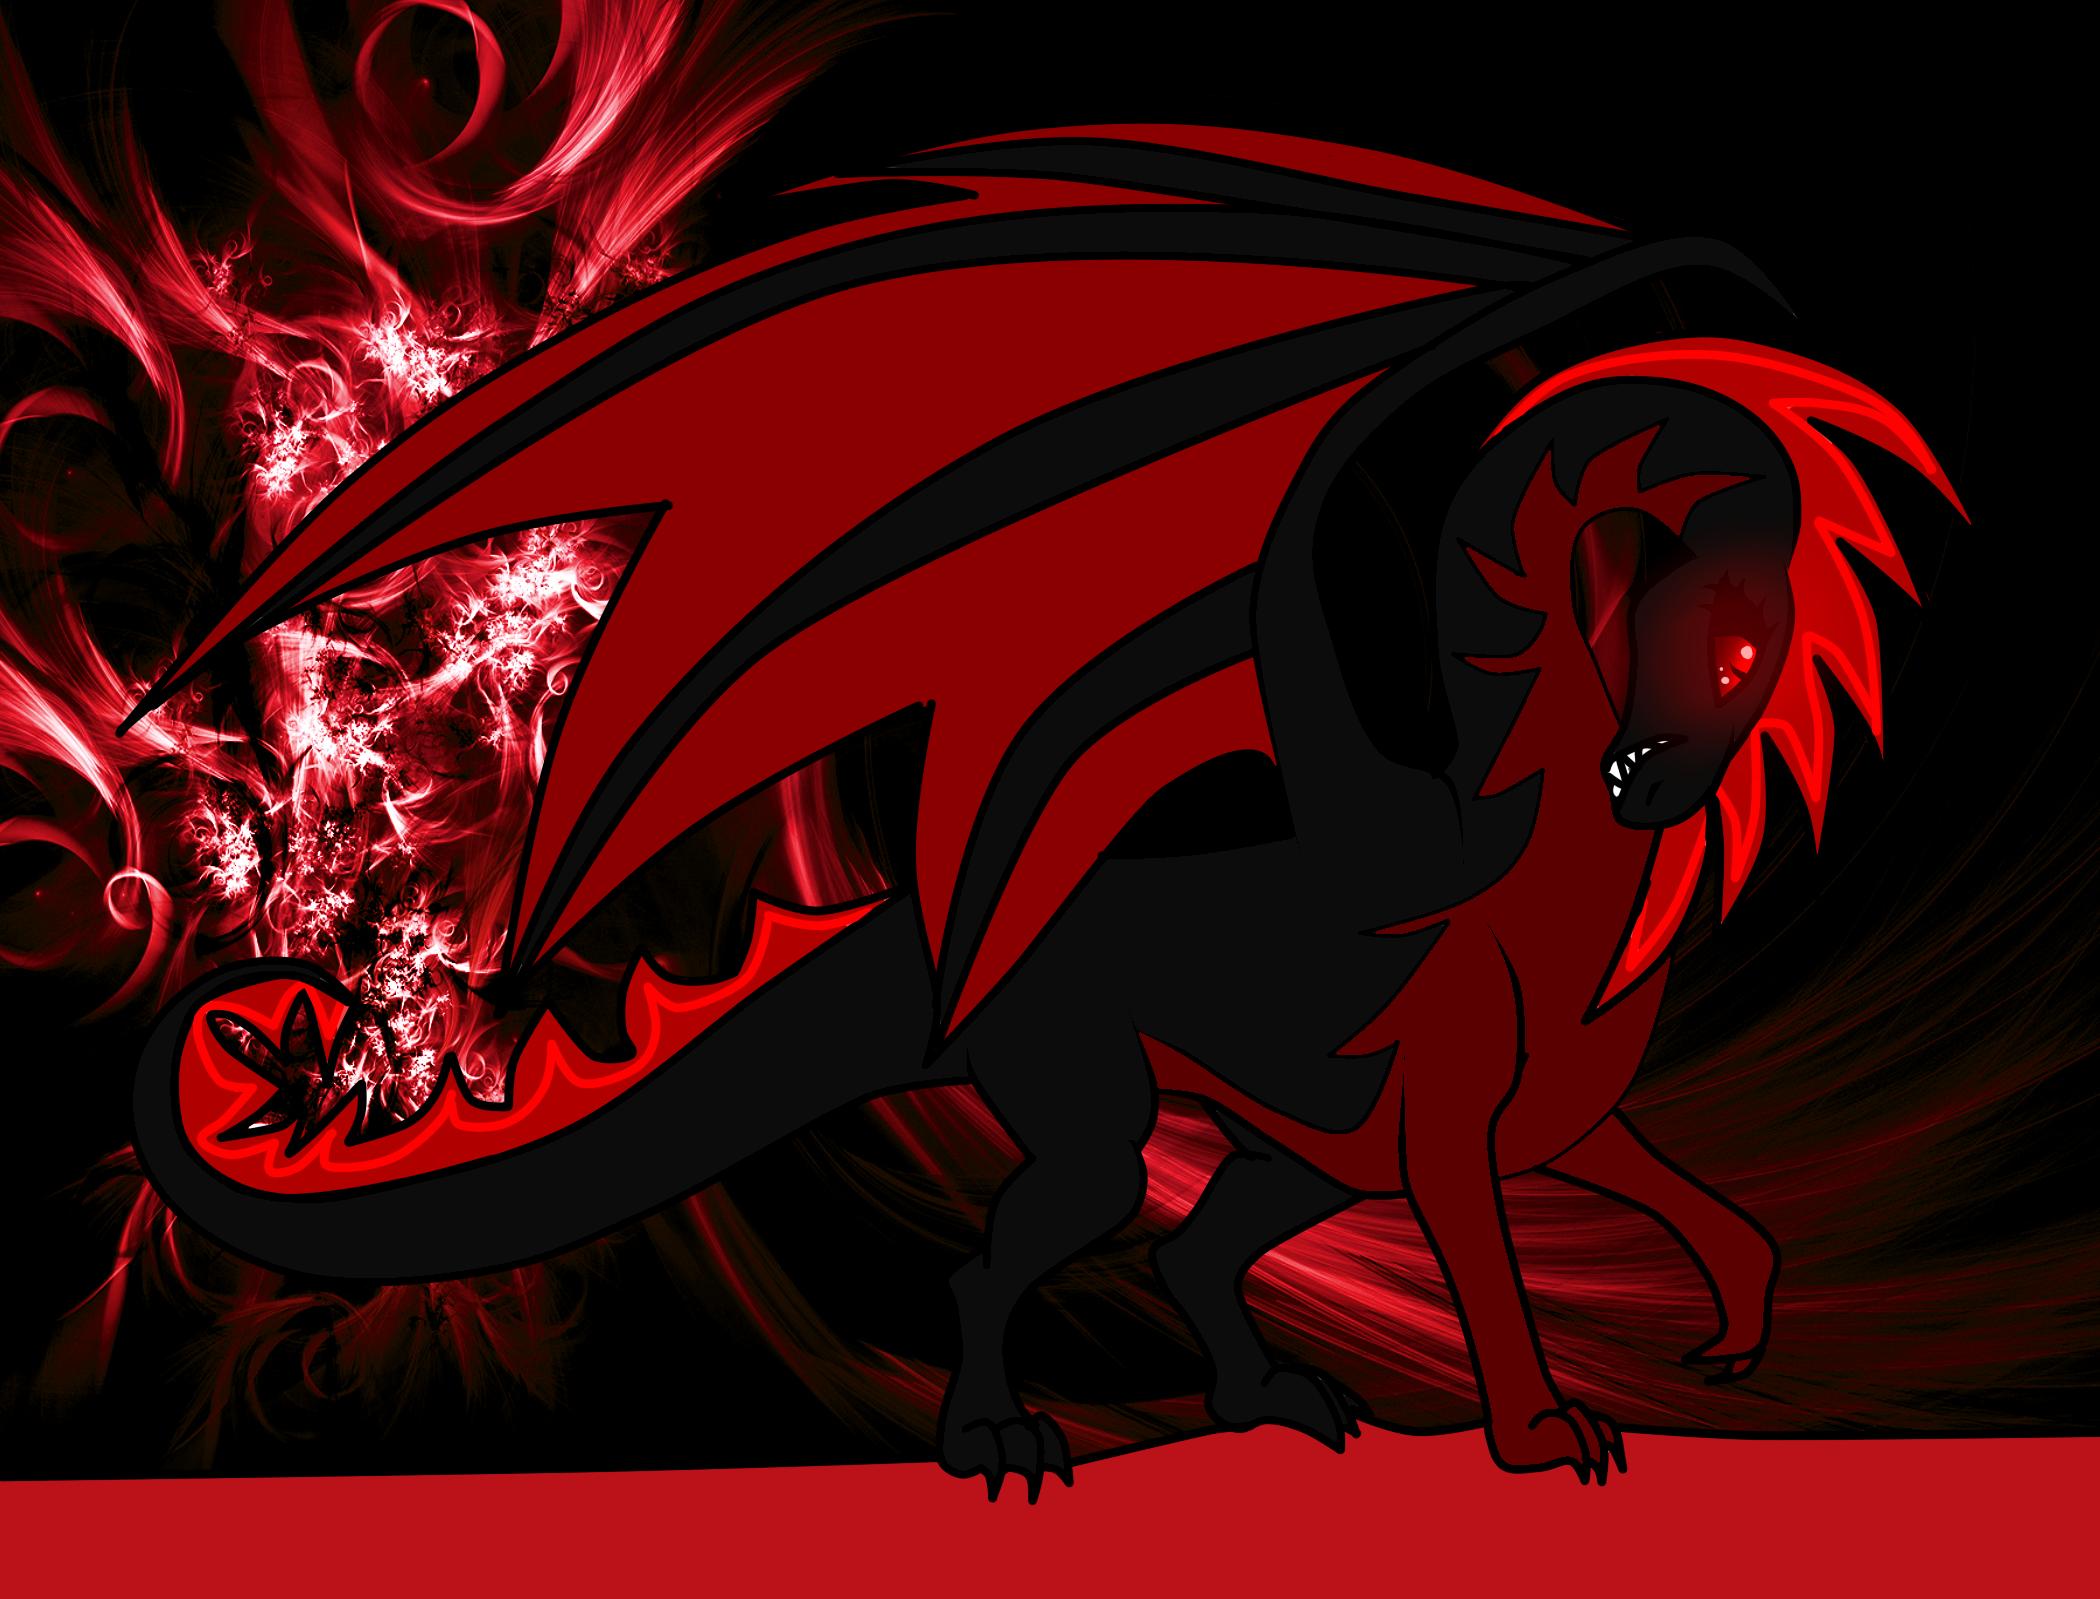 Evil Fire Dragon: Evil Dragon Fire By Shadowwolfydragon10 On DeviantArt